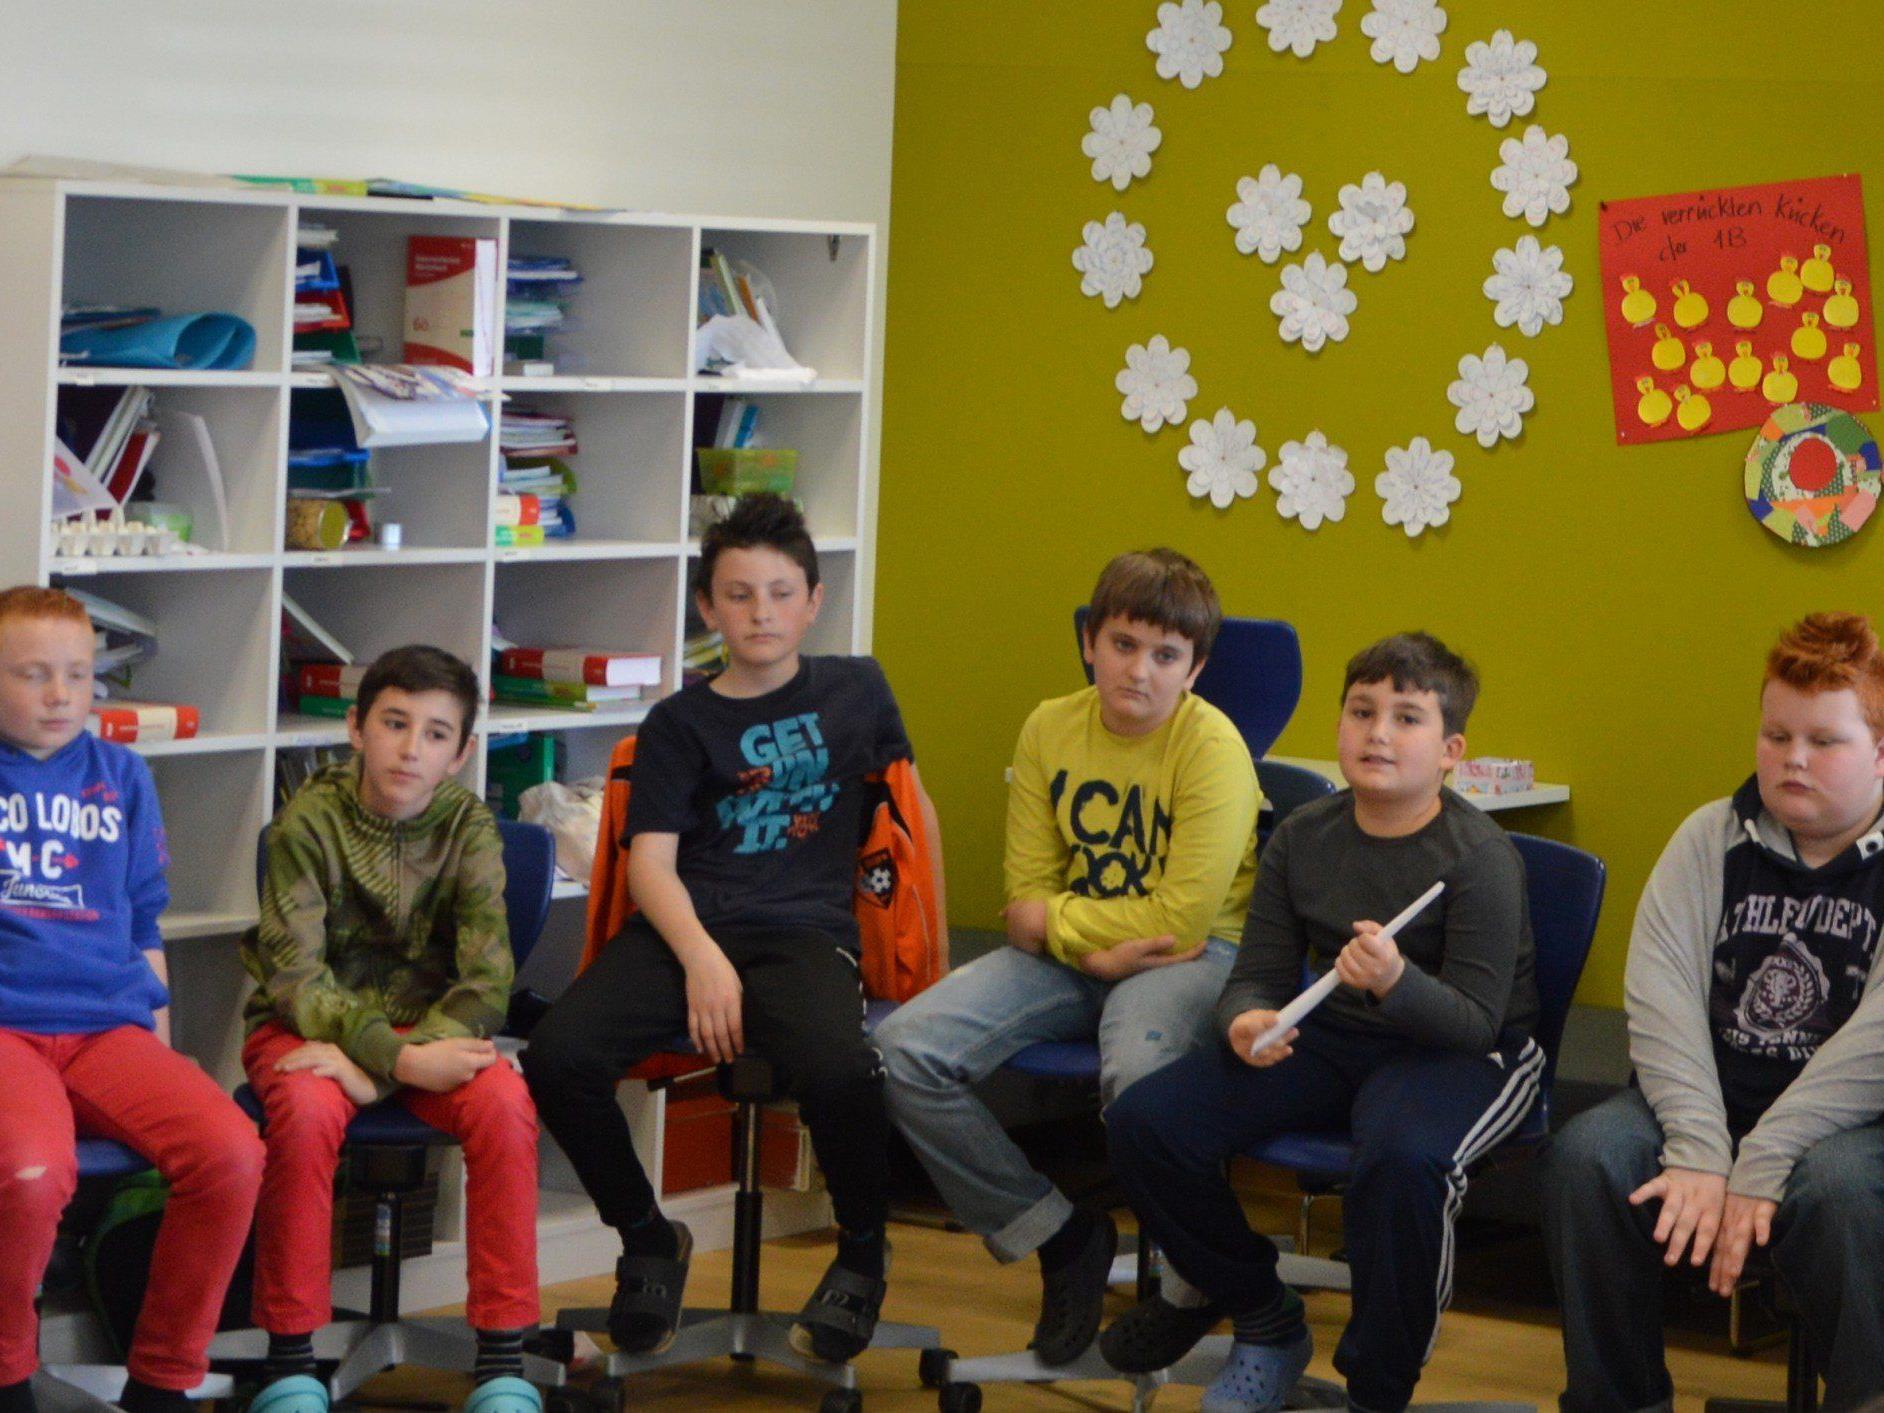 Projekttag der youngCaritas in der UNESCO Mittelschule begeisterte SchülerInnen und LehrerInnen.